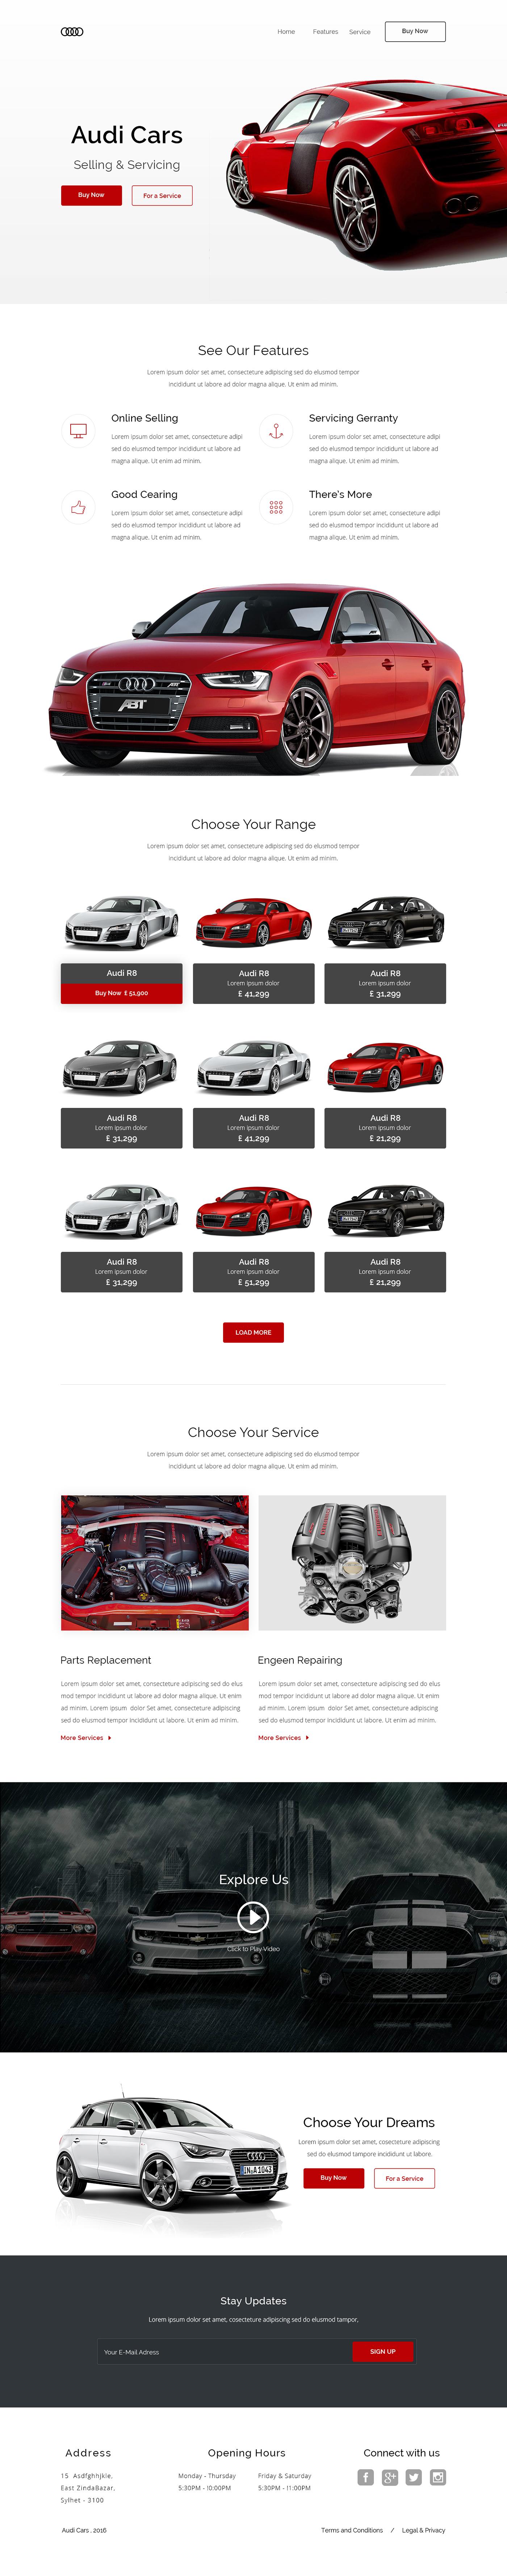 Car Selling Websites >> Audi Car Selling Website Design On Behance